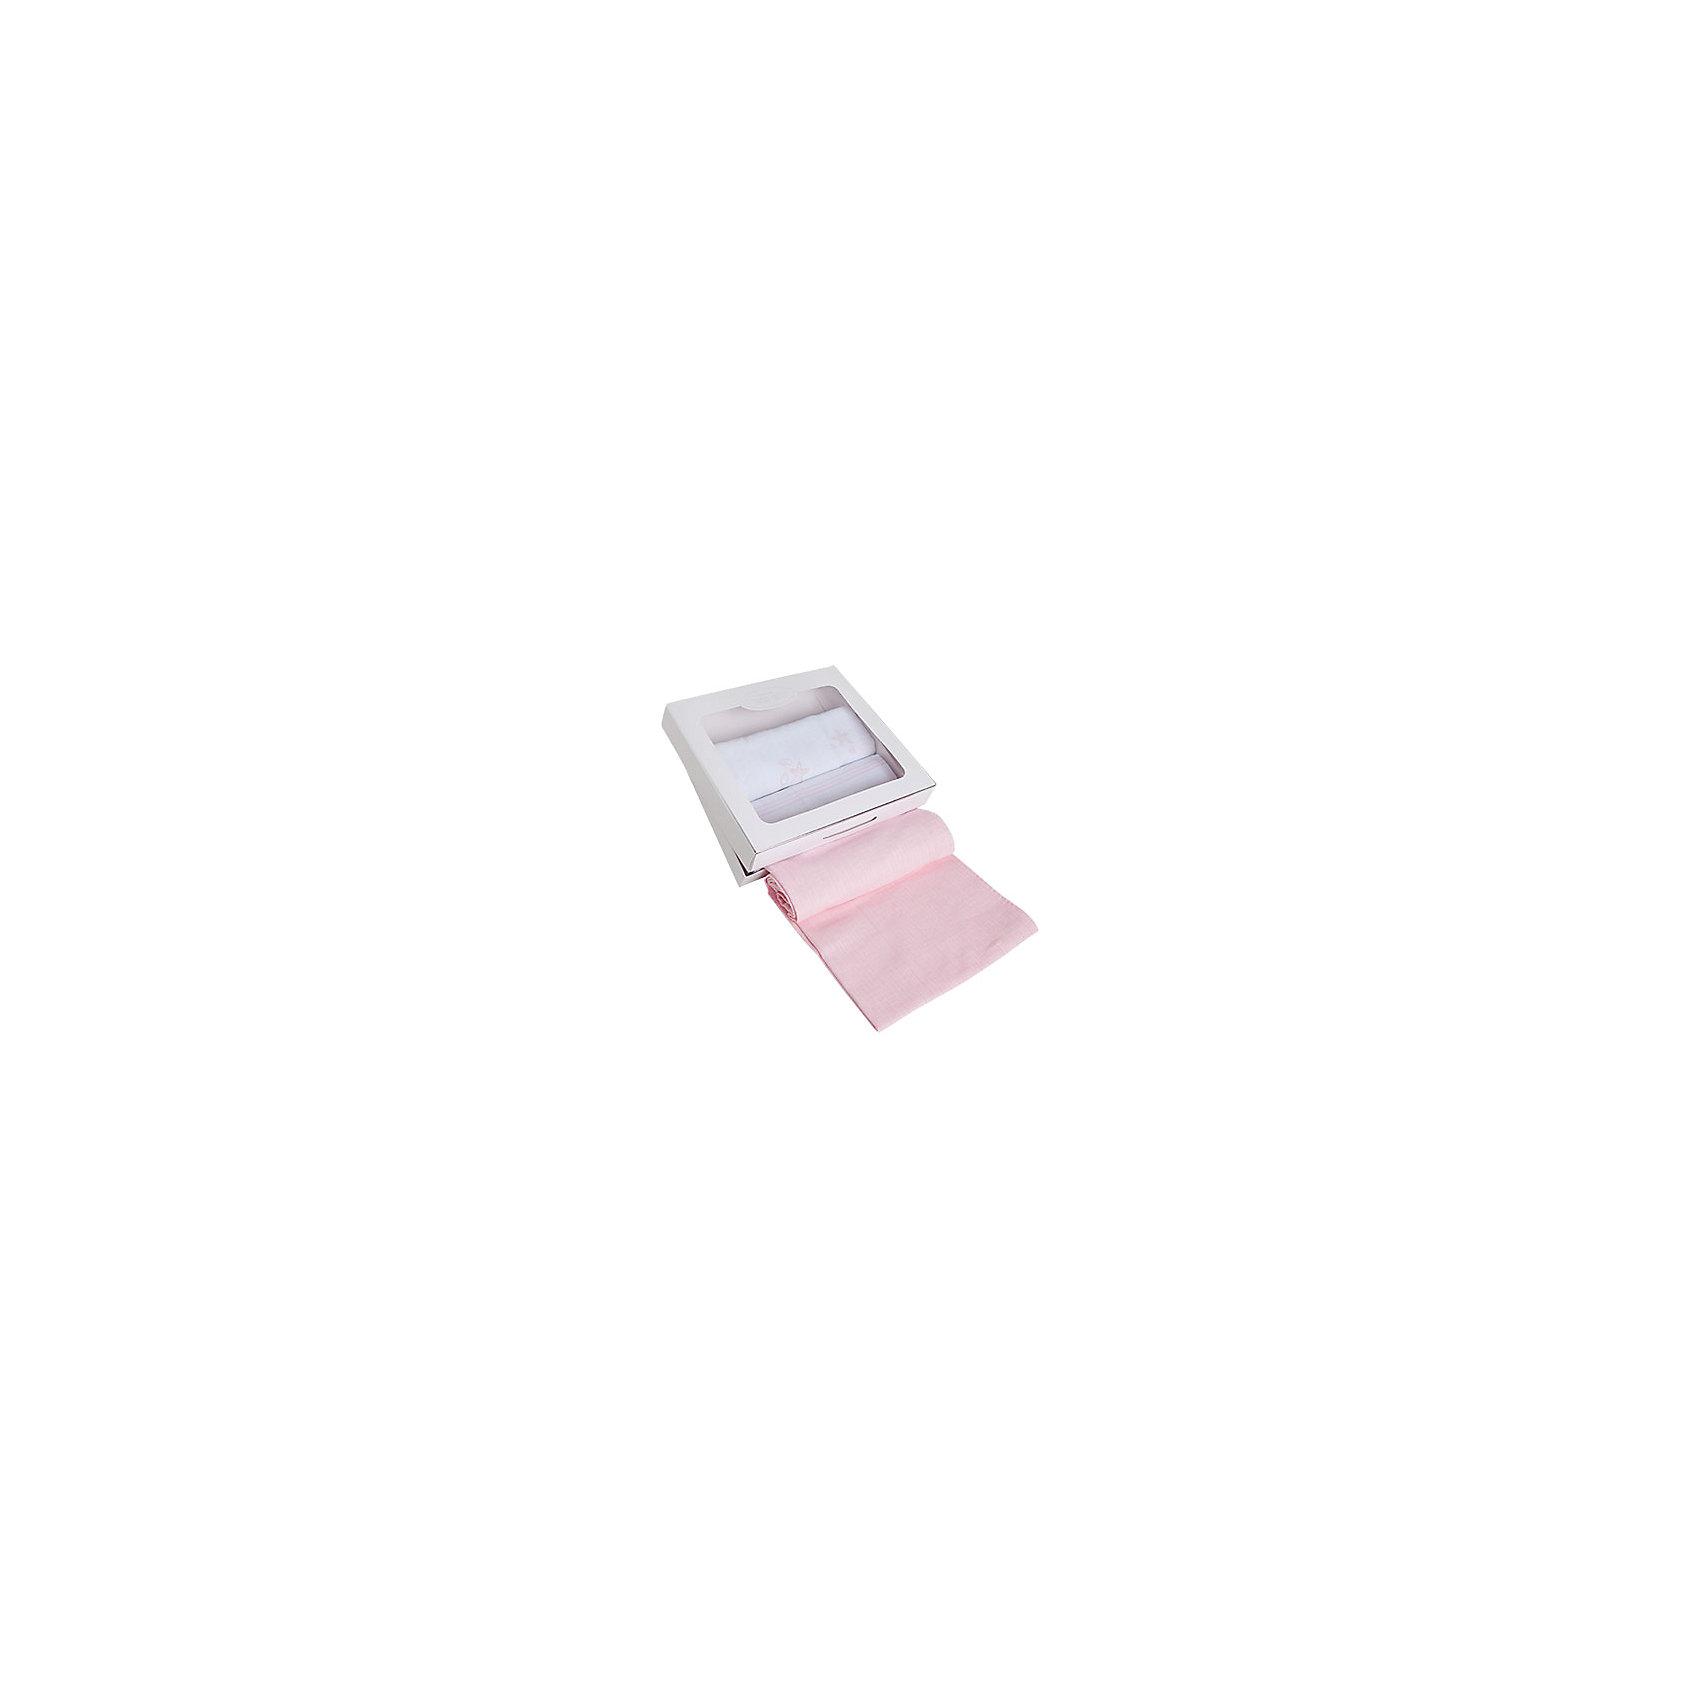 Набор салфеток для девочки, 3 шт. MayoralПеленки и полотенца<br>Набор из 3-х салфеток для девочки от известной испанской марки Mayoral.<br><br>Дополнительная информация:<br><br>- Мягкая, приятная к телу ткань. <br>- Красивая подарочная упаковка. <br>- 3 расцветки и дизайна в наборе.<br>- В клетку, однотонная, с нежным принтом. <br>- Состав:  100% хлопок.<br><br>Набор салфеток для девочки, 3 шт. Mayoral (Майорал) можно купить в нашем магазине.<br><br>Ширина мм: 170<br>Глубина мм: 157<br>Высота мм: 67<br>Вес г: 117<br>Цвет: розовый<br>Возраст от месяцев: 60<br>Возраст до месяцев: 120<br>Пол: Женский<br>Возраст: Детский<br>Размер: one size<br>SKU: 4539313